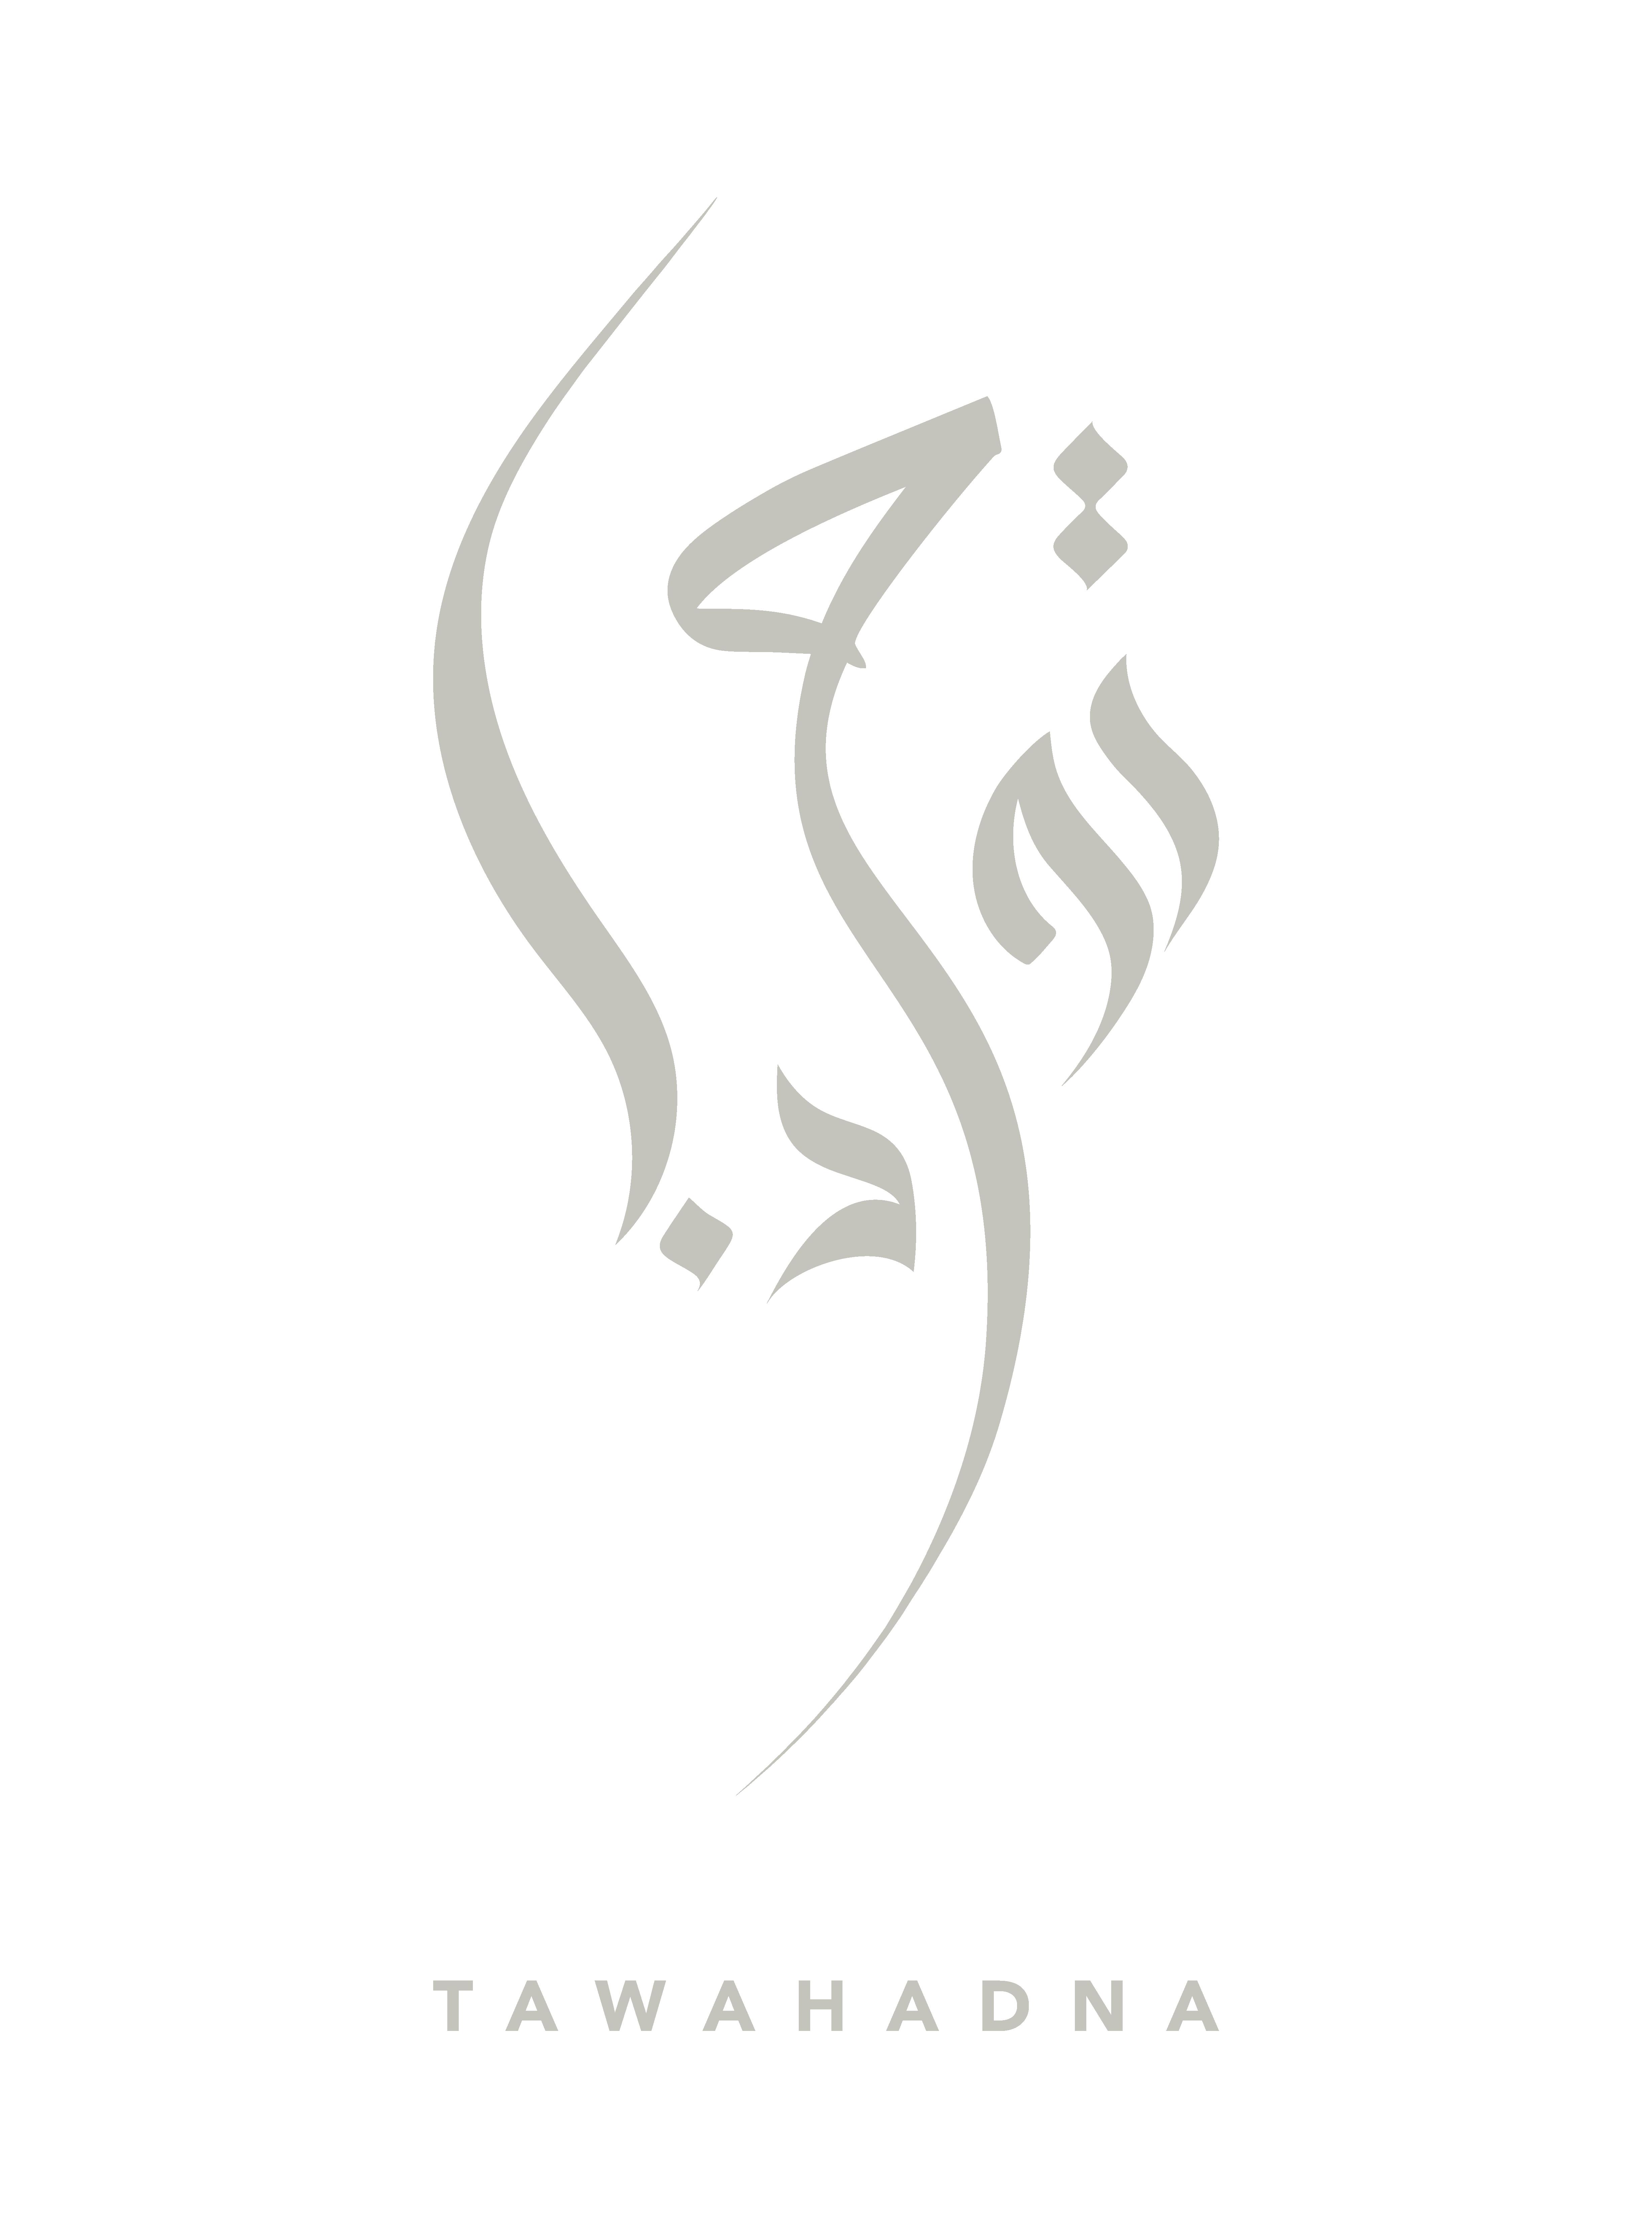 Tawahadna logo